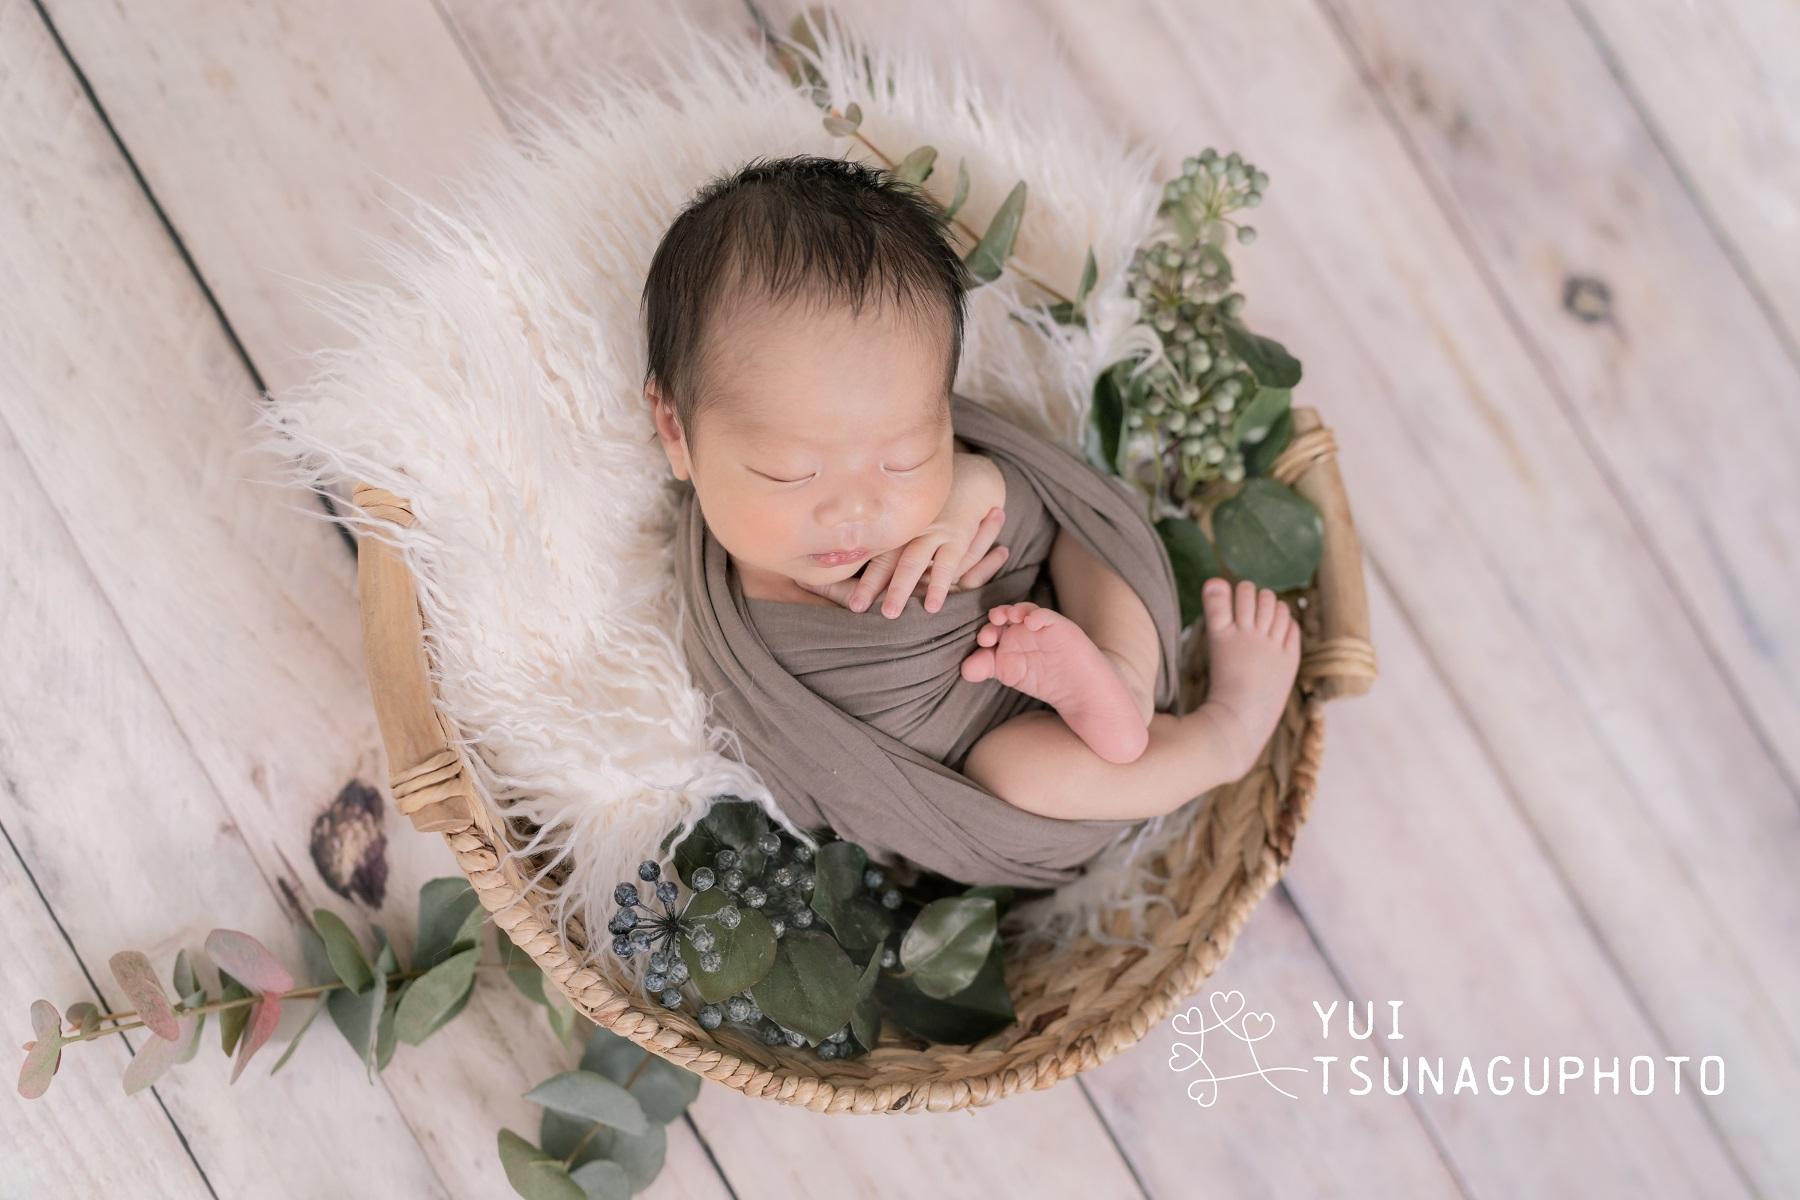 かごの中でふわふわの敷物にくるまって眠る赤ちゃん